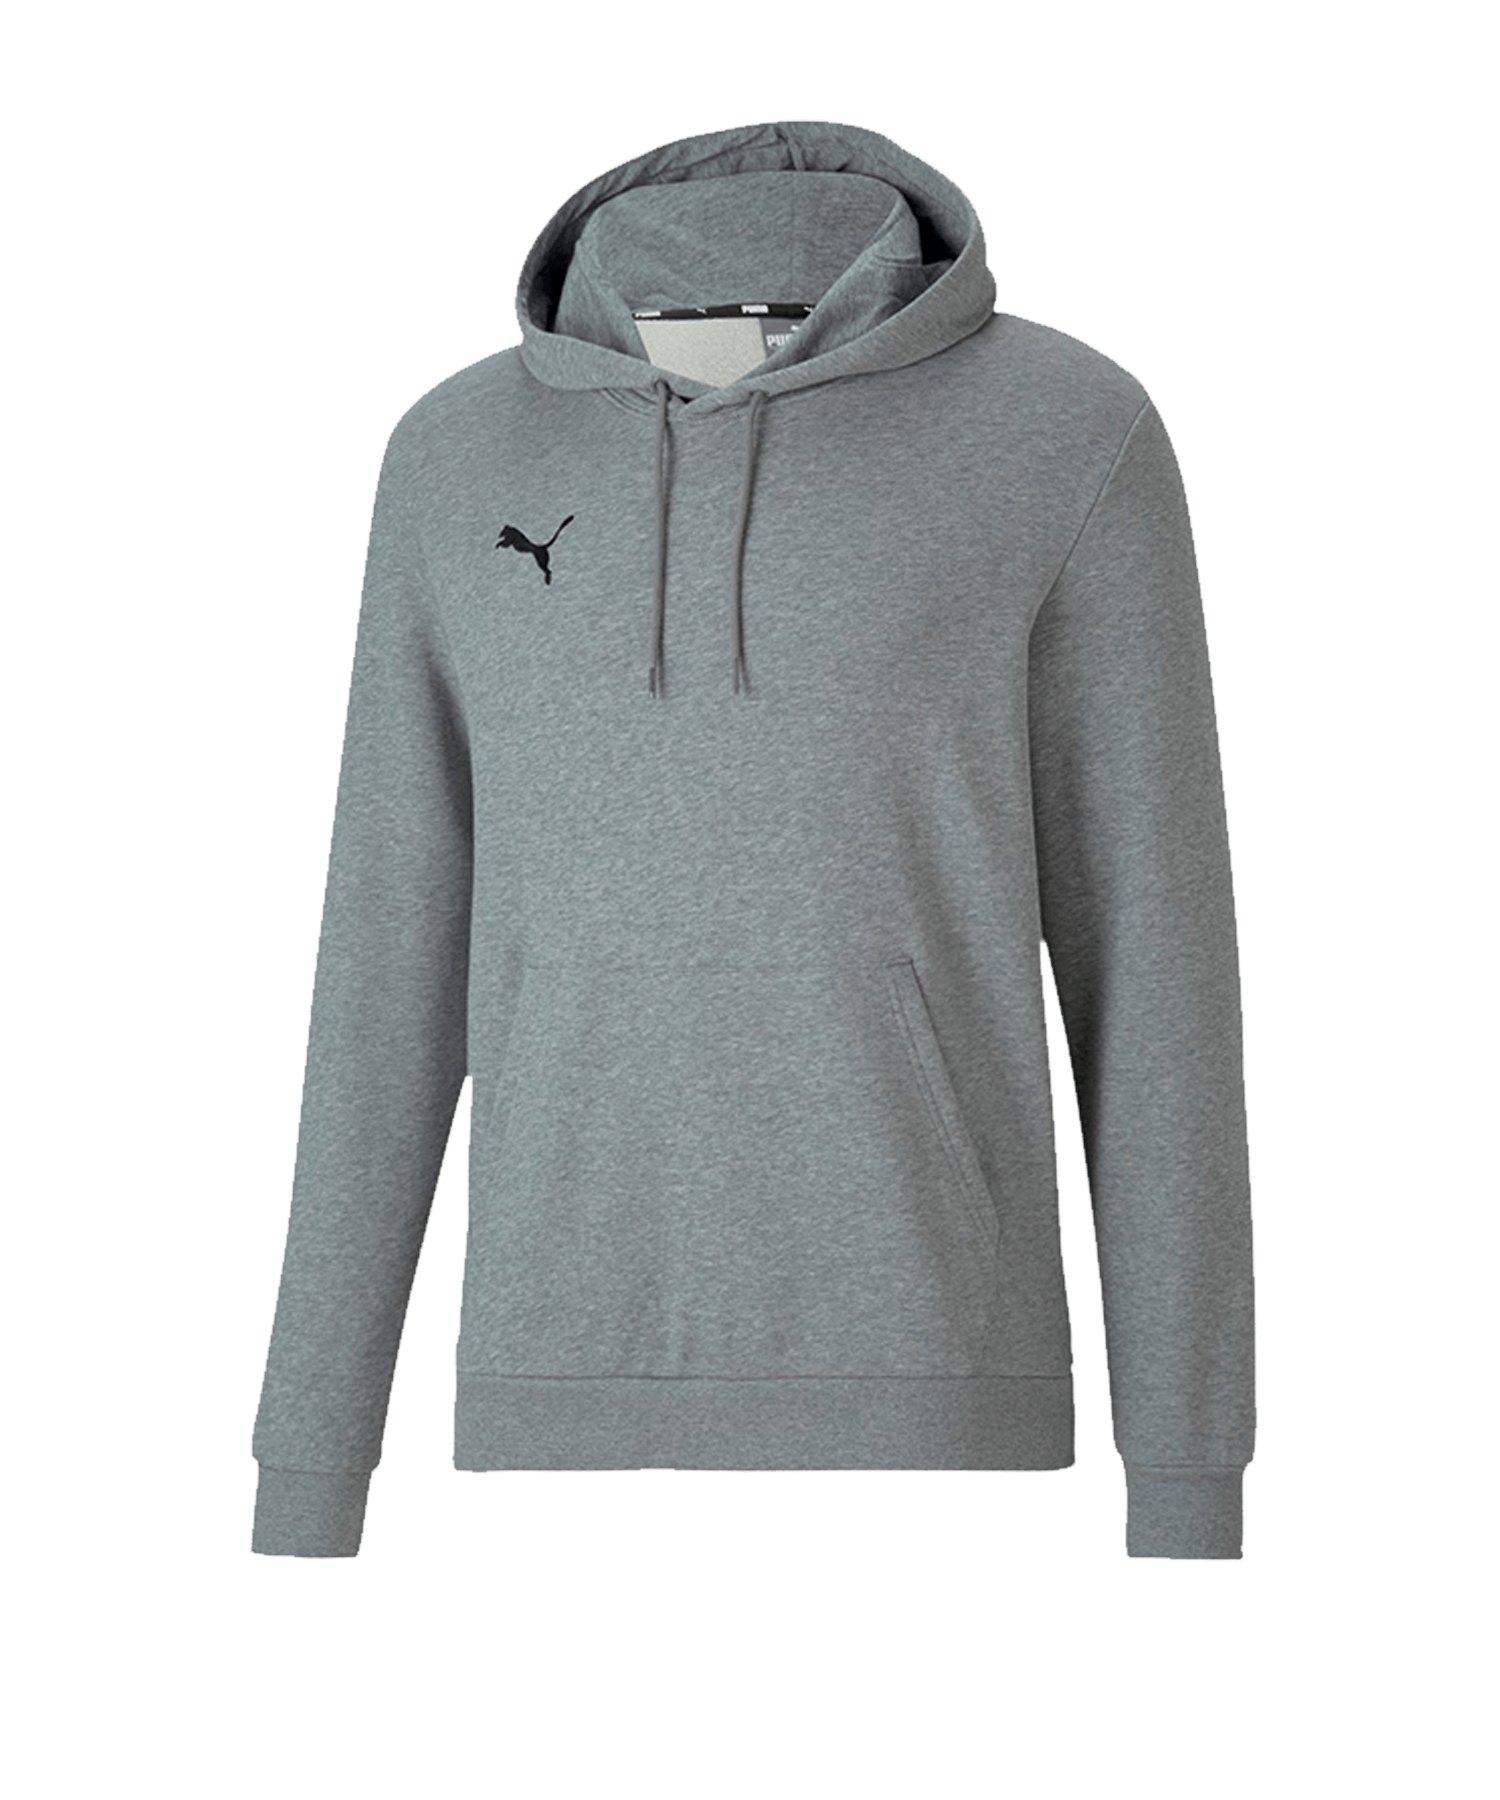 PUMA teamGOAL 23 Kapuzensweatshirt Grau F033 - grau